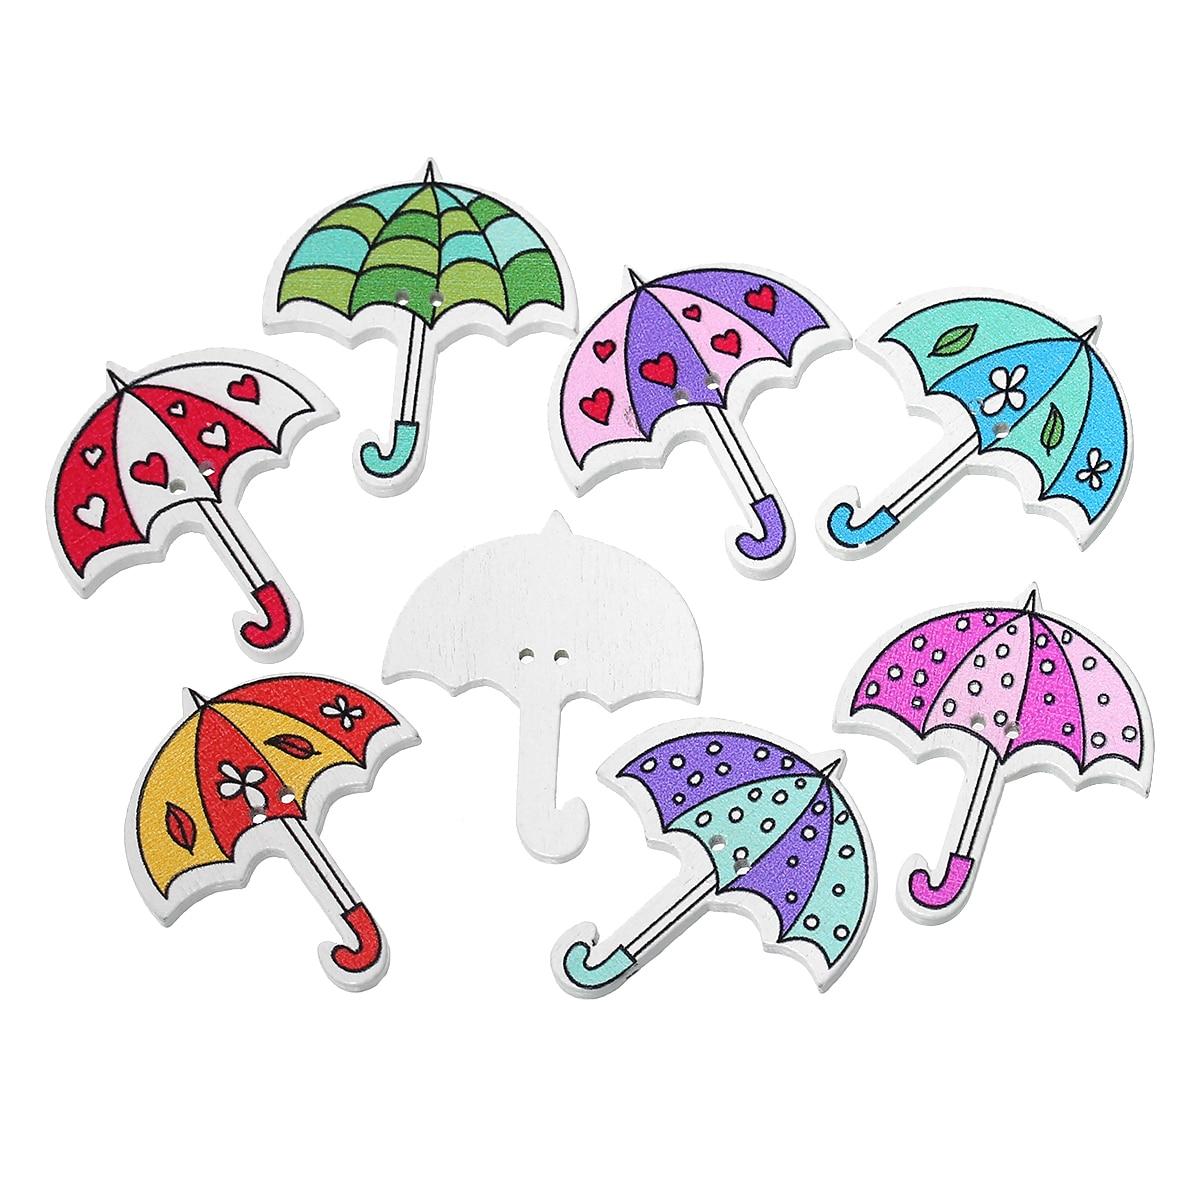 Деревянные Швейные Кнопки зонтик для скрапбукинга наугад два отверстия 3,5 см (1 3/8 «) х 3 см (1 1/8»), 8 шт.